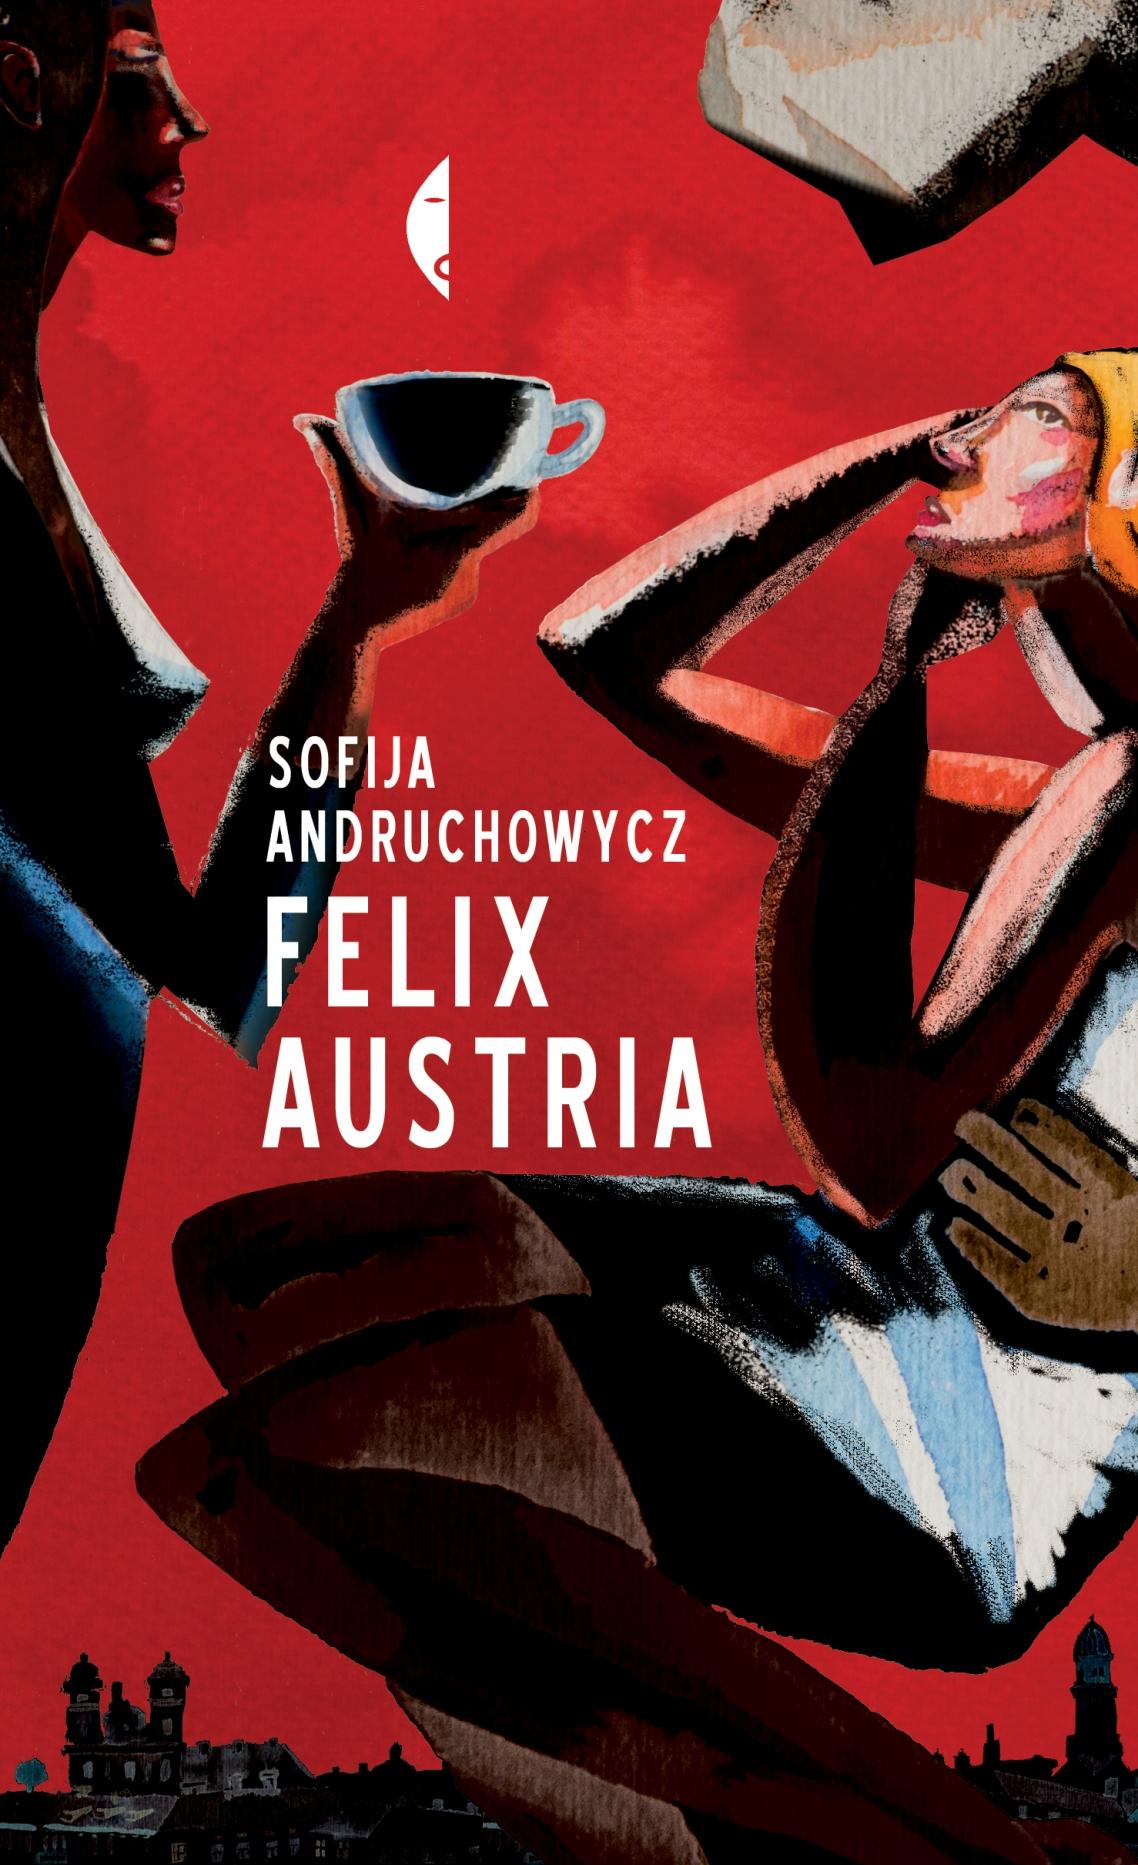 """Sofija Andruchowycz, """"Felix Austria"""", okładka książki (źródło: materiały prasowe wydawcy)"""